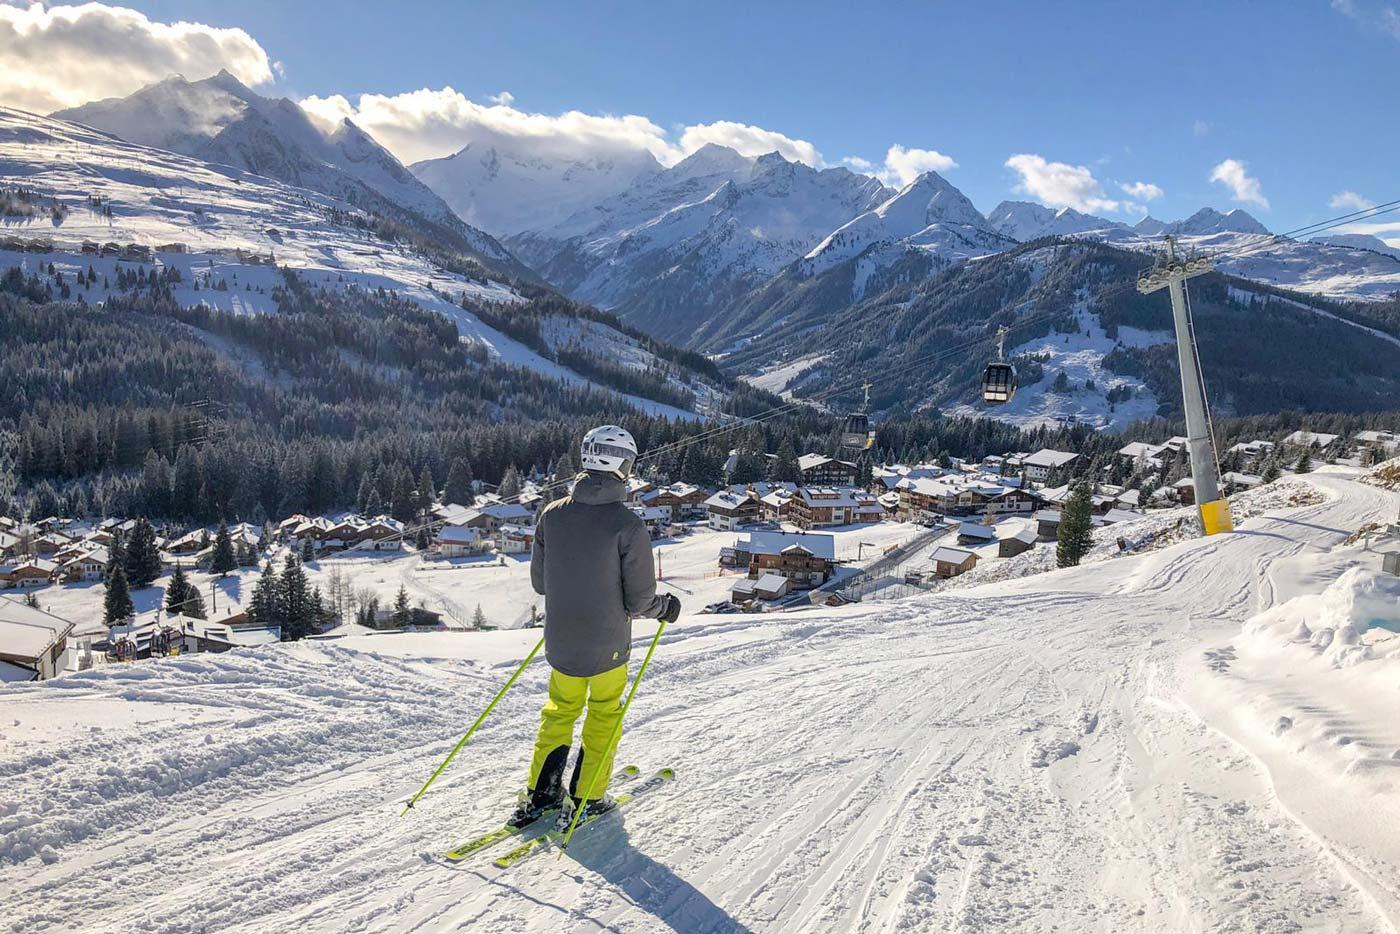 Skiën op de pistes van de Zillertal Arena